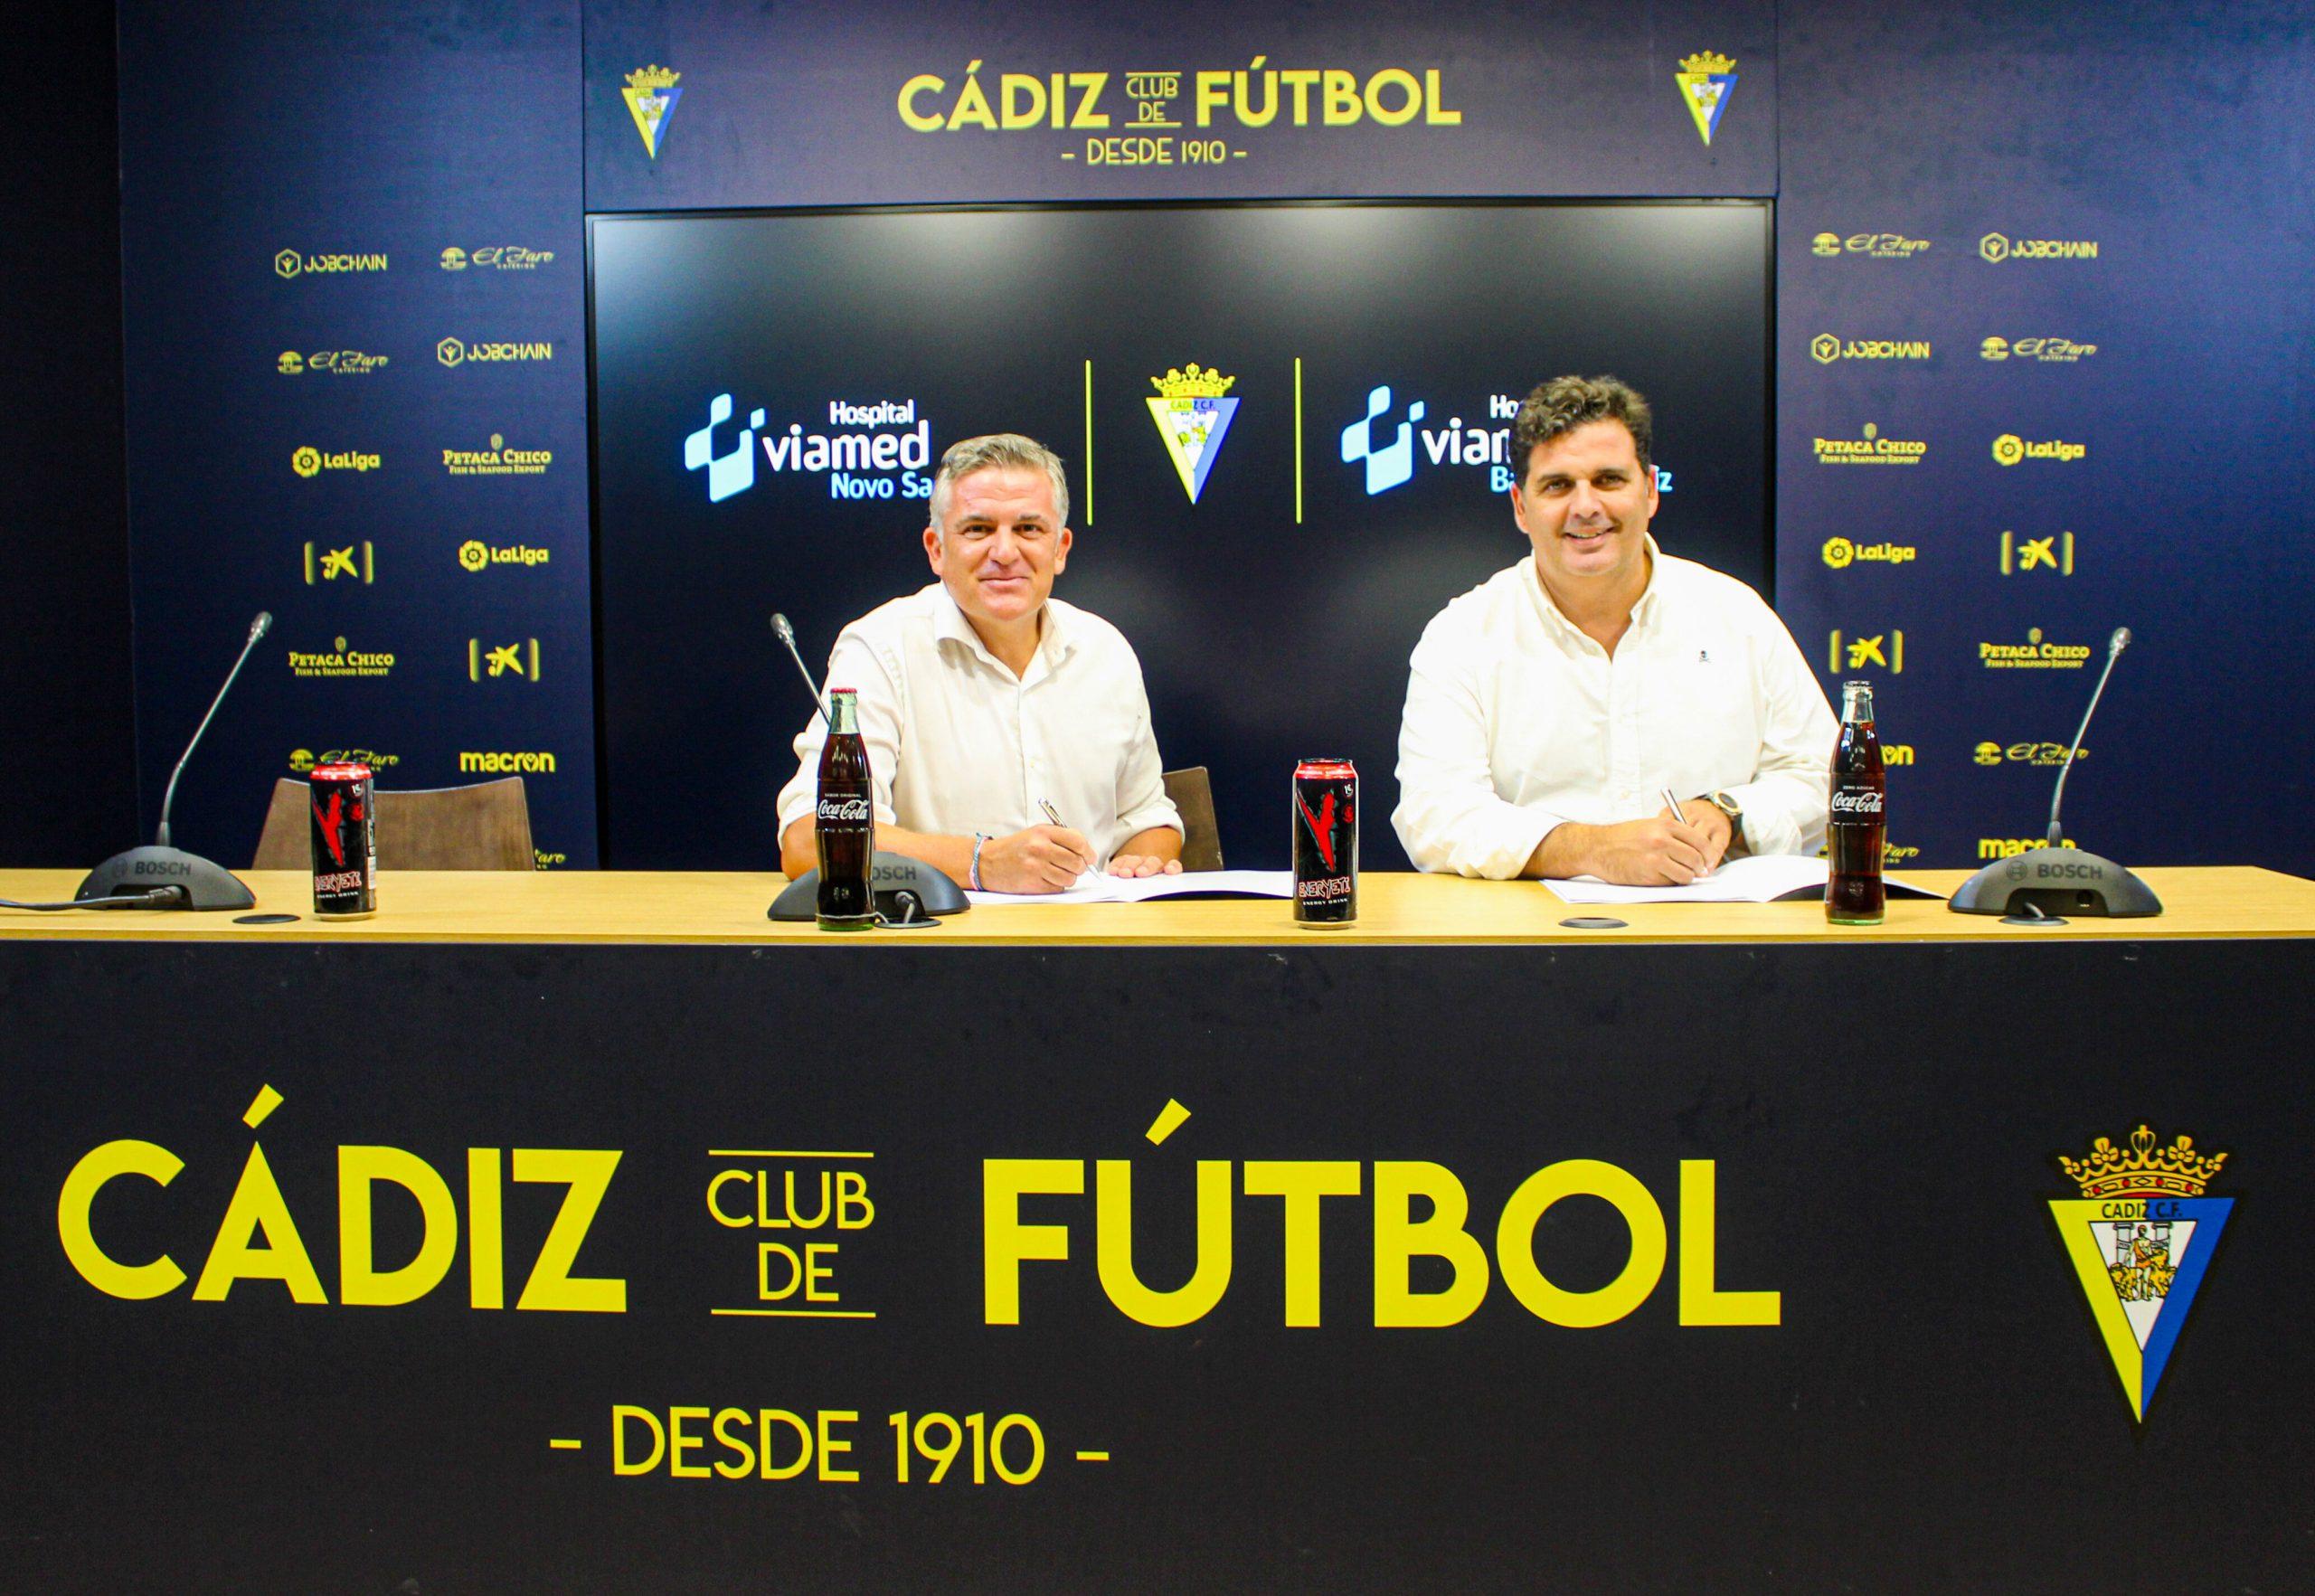 El Cádiz CF y los hospitales Viamed de Cádiz, cuarta temporada de la mano